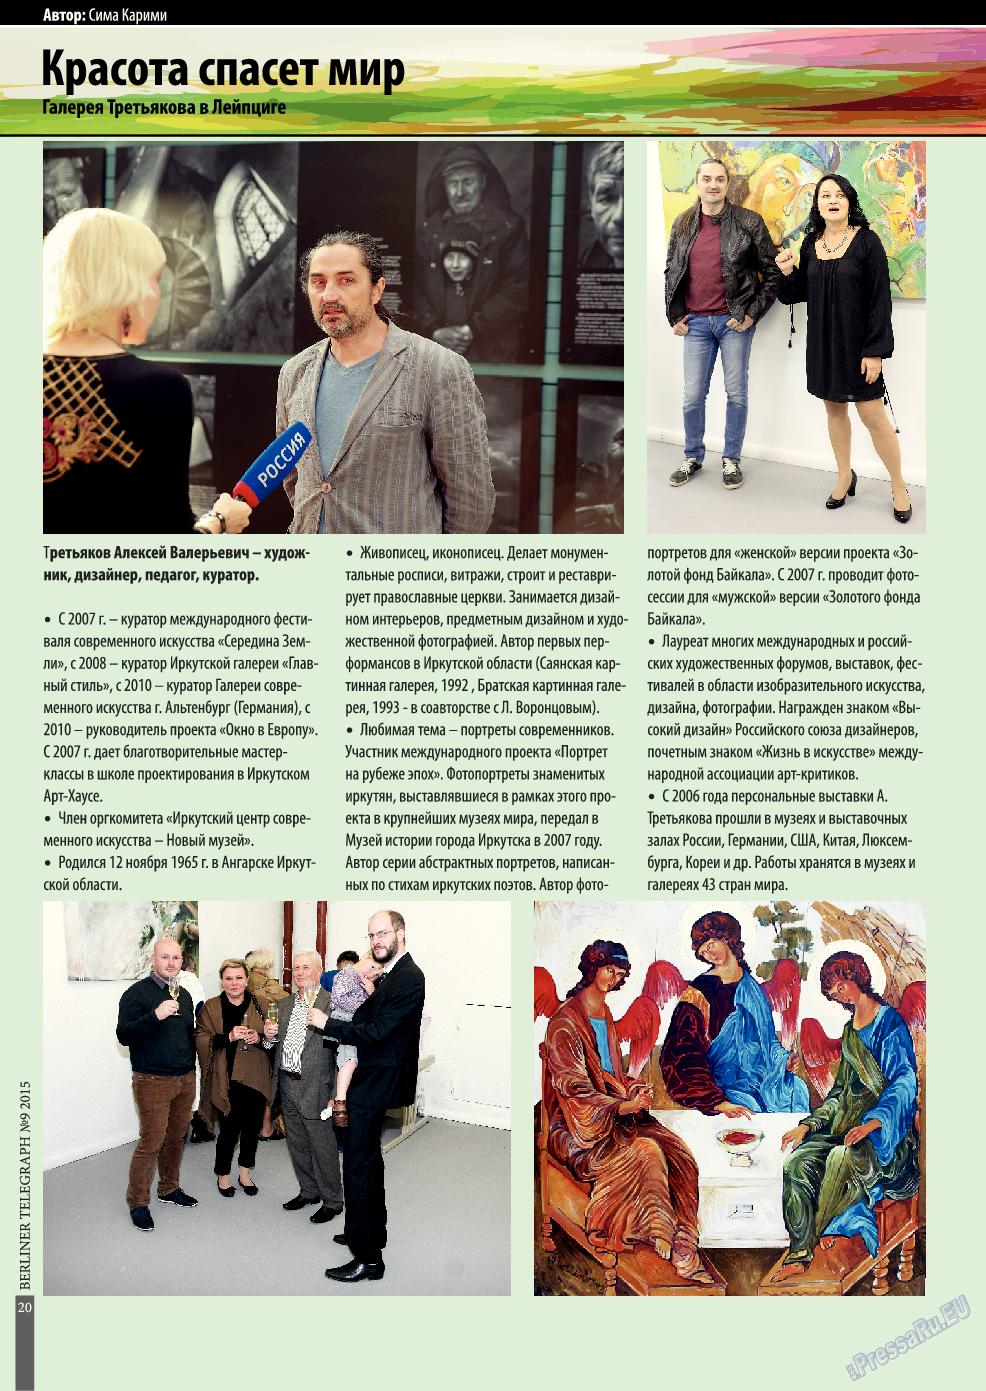 Берлинский телеграф (журнал). 2015 год, номер 10, стр. 20